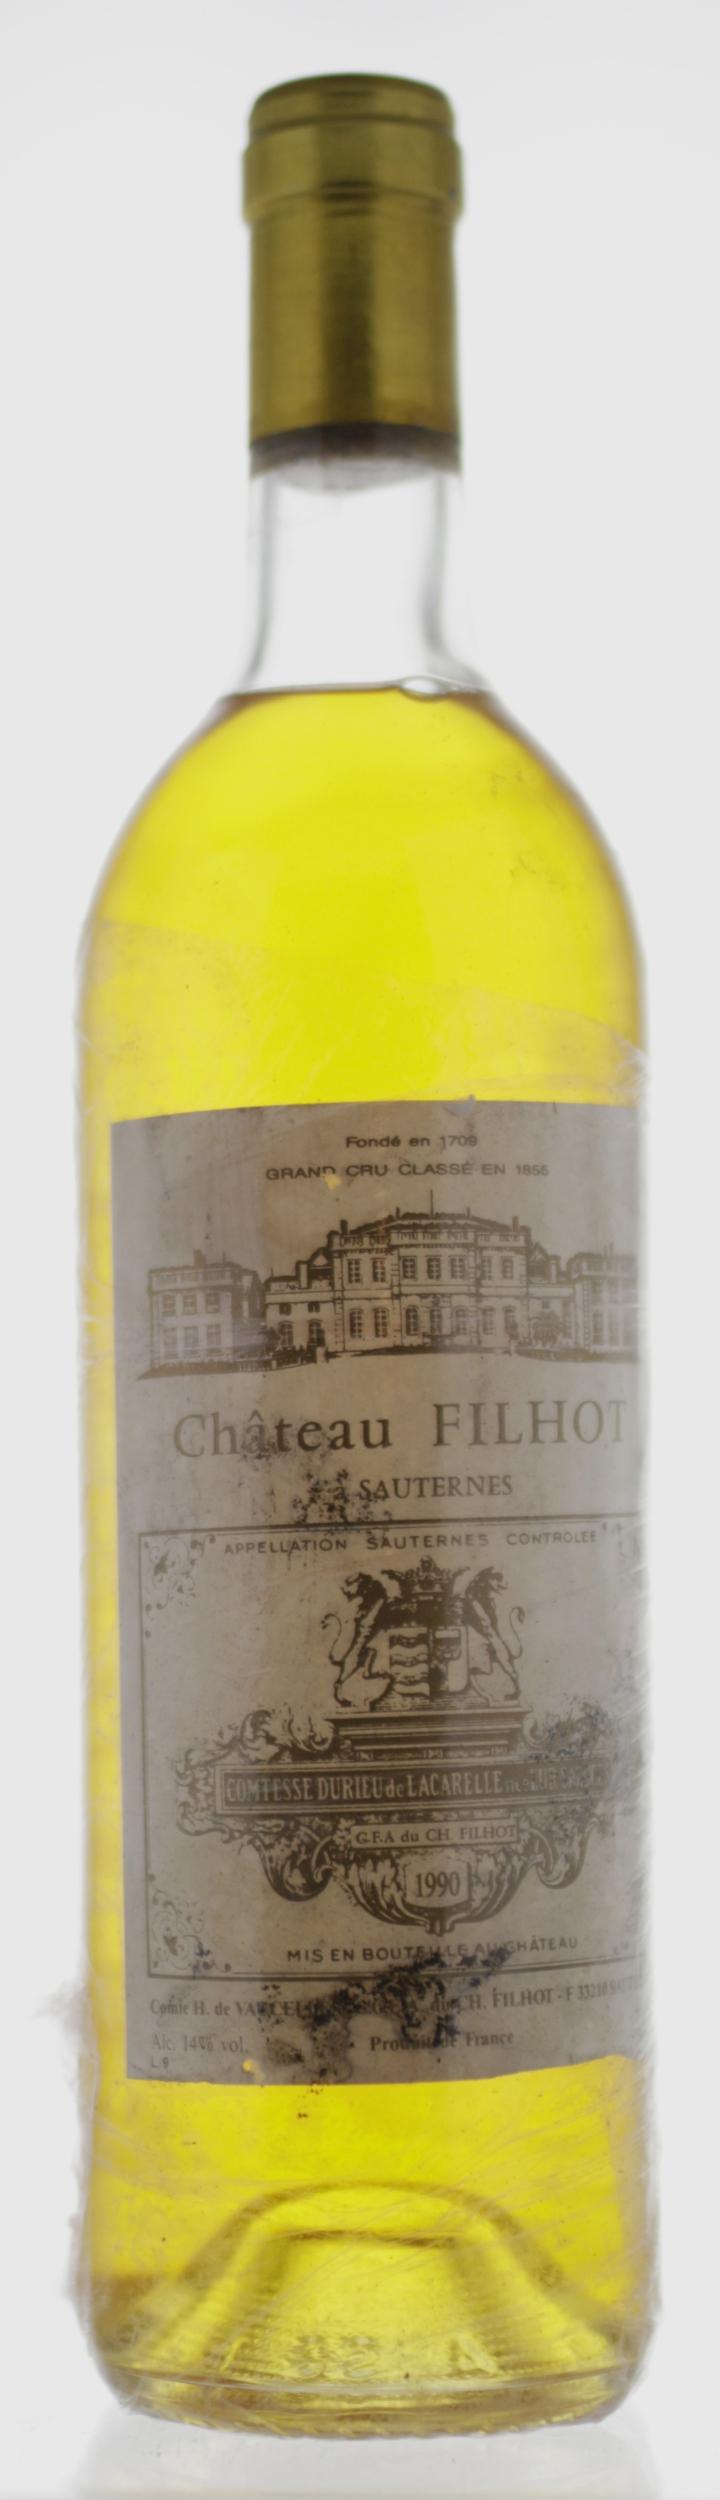 Sauternes - Château Filhot - 1990